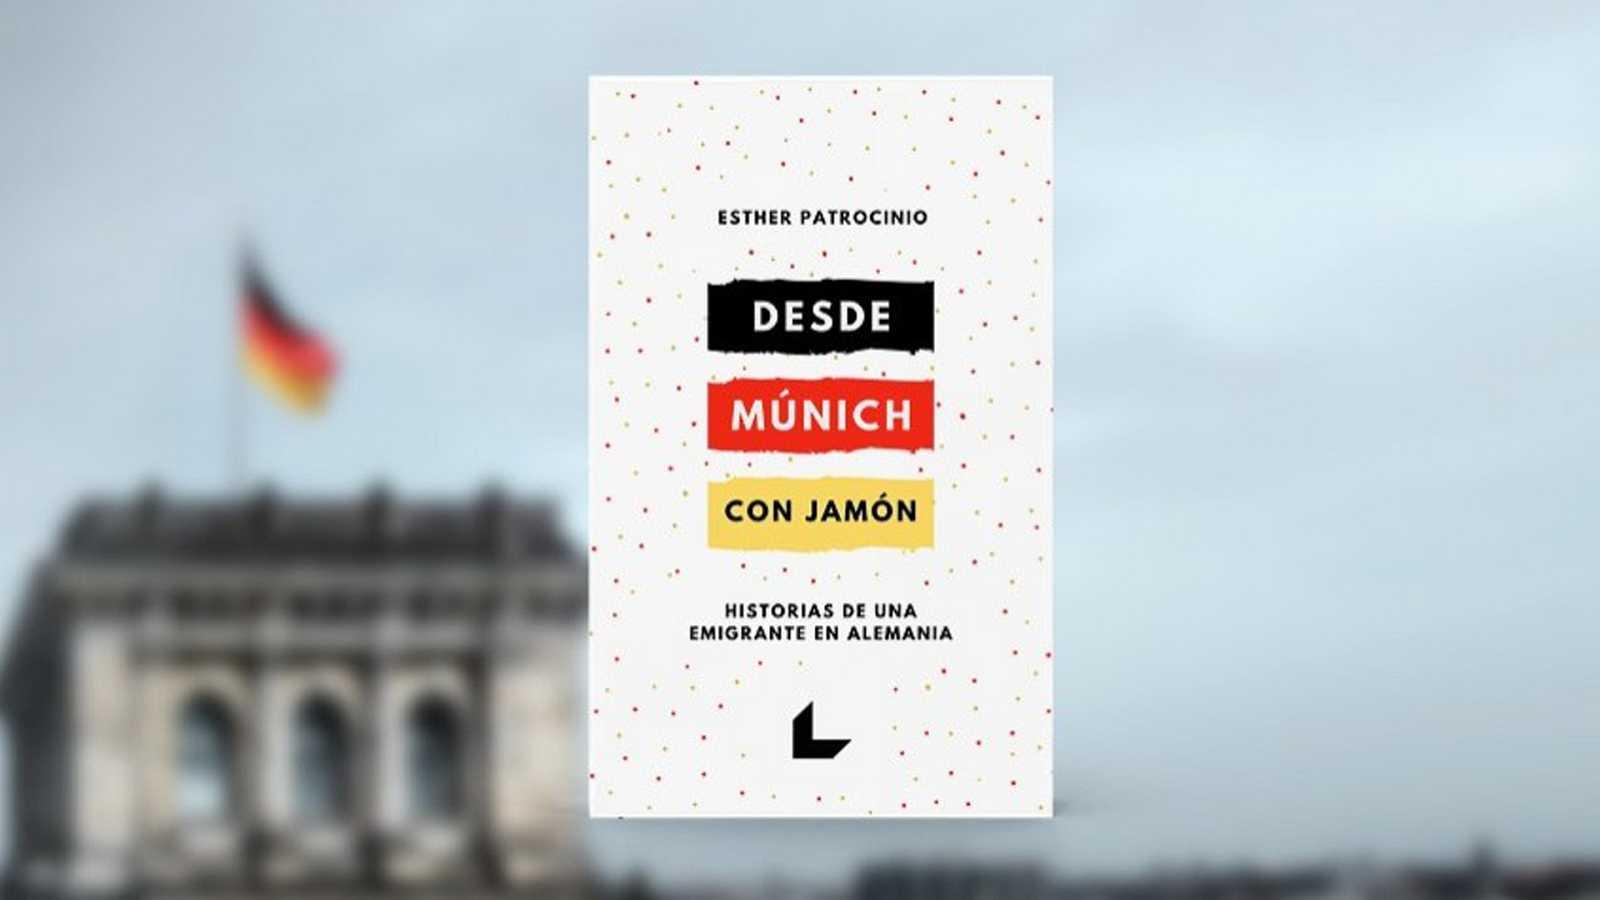 Marca España - Desde Múnich con jamón - 21/07/20 - escuchar ahora